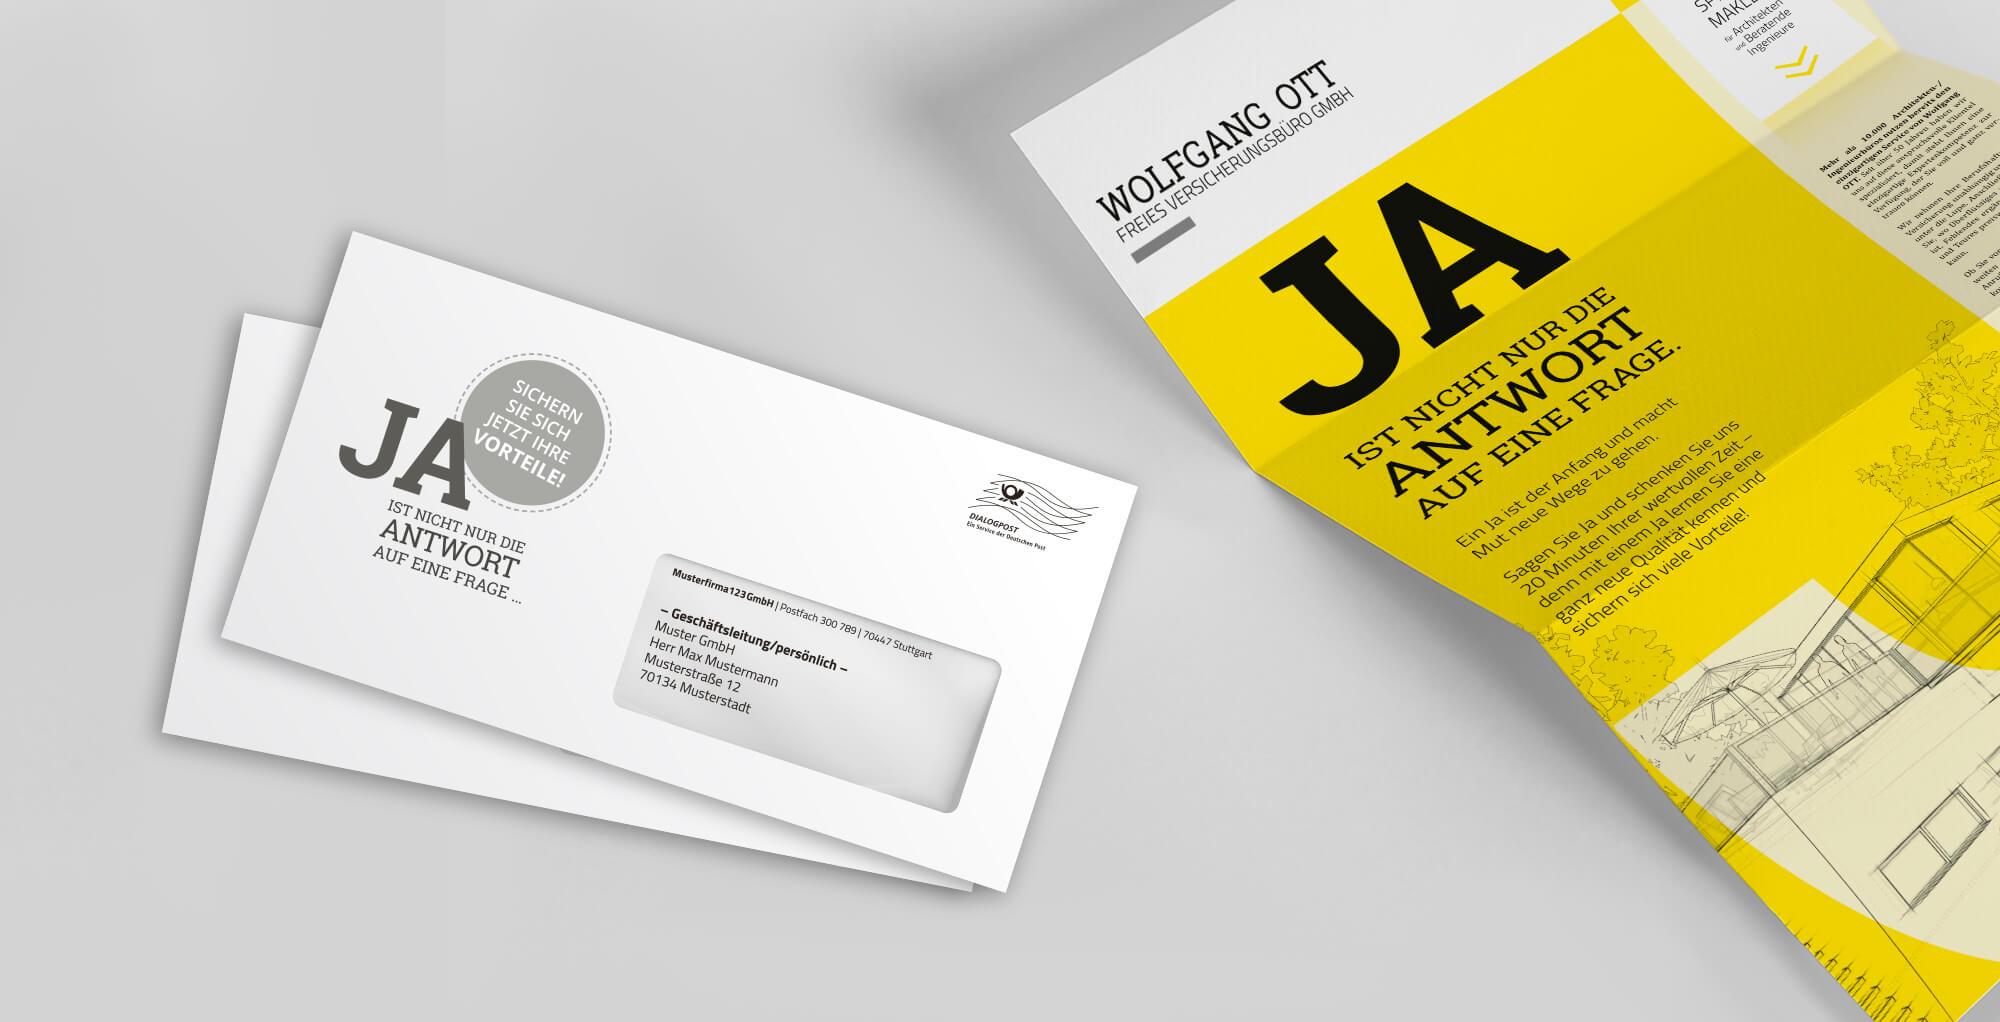 Gestaltungsbeispiel für den Bereich Direktwerbung / Mailing